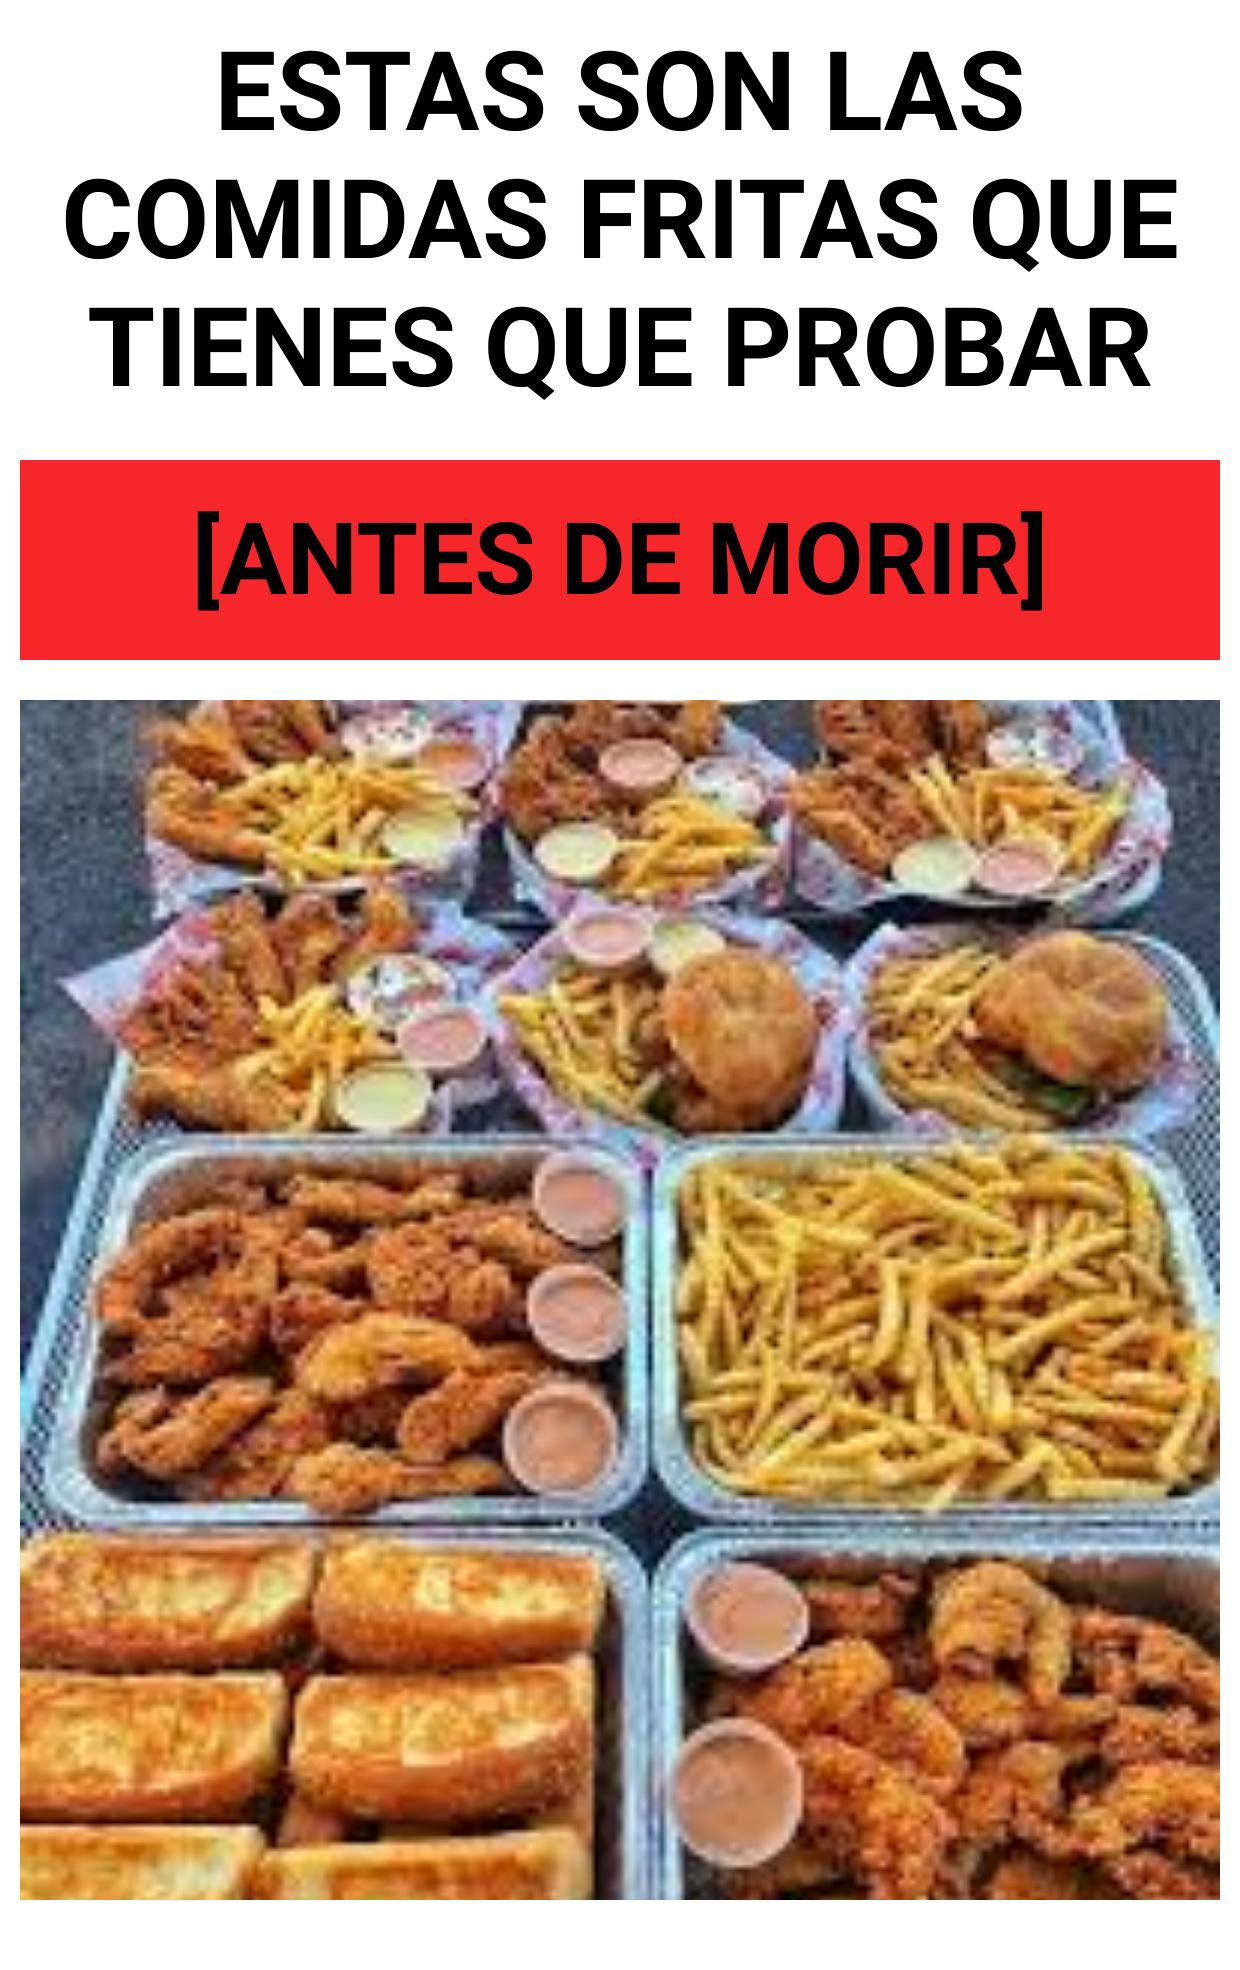 Estas son las comidas fritas que tienes que probar